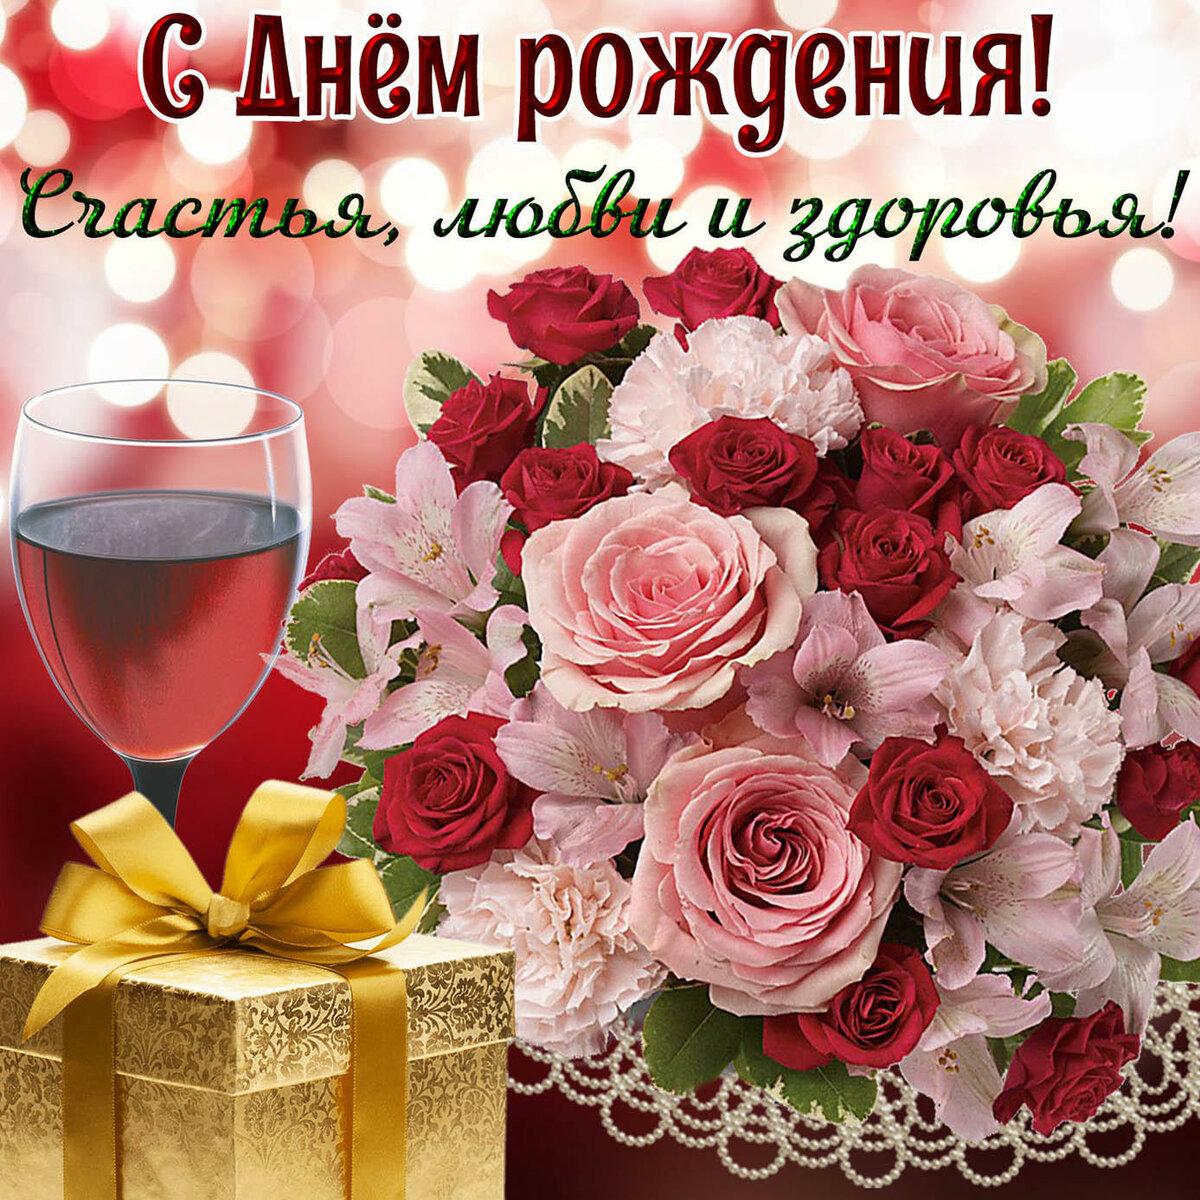 Хорошие открытки поздравления с днем рождения